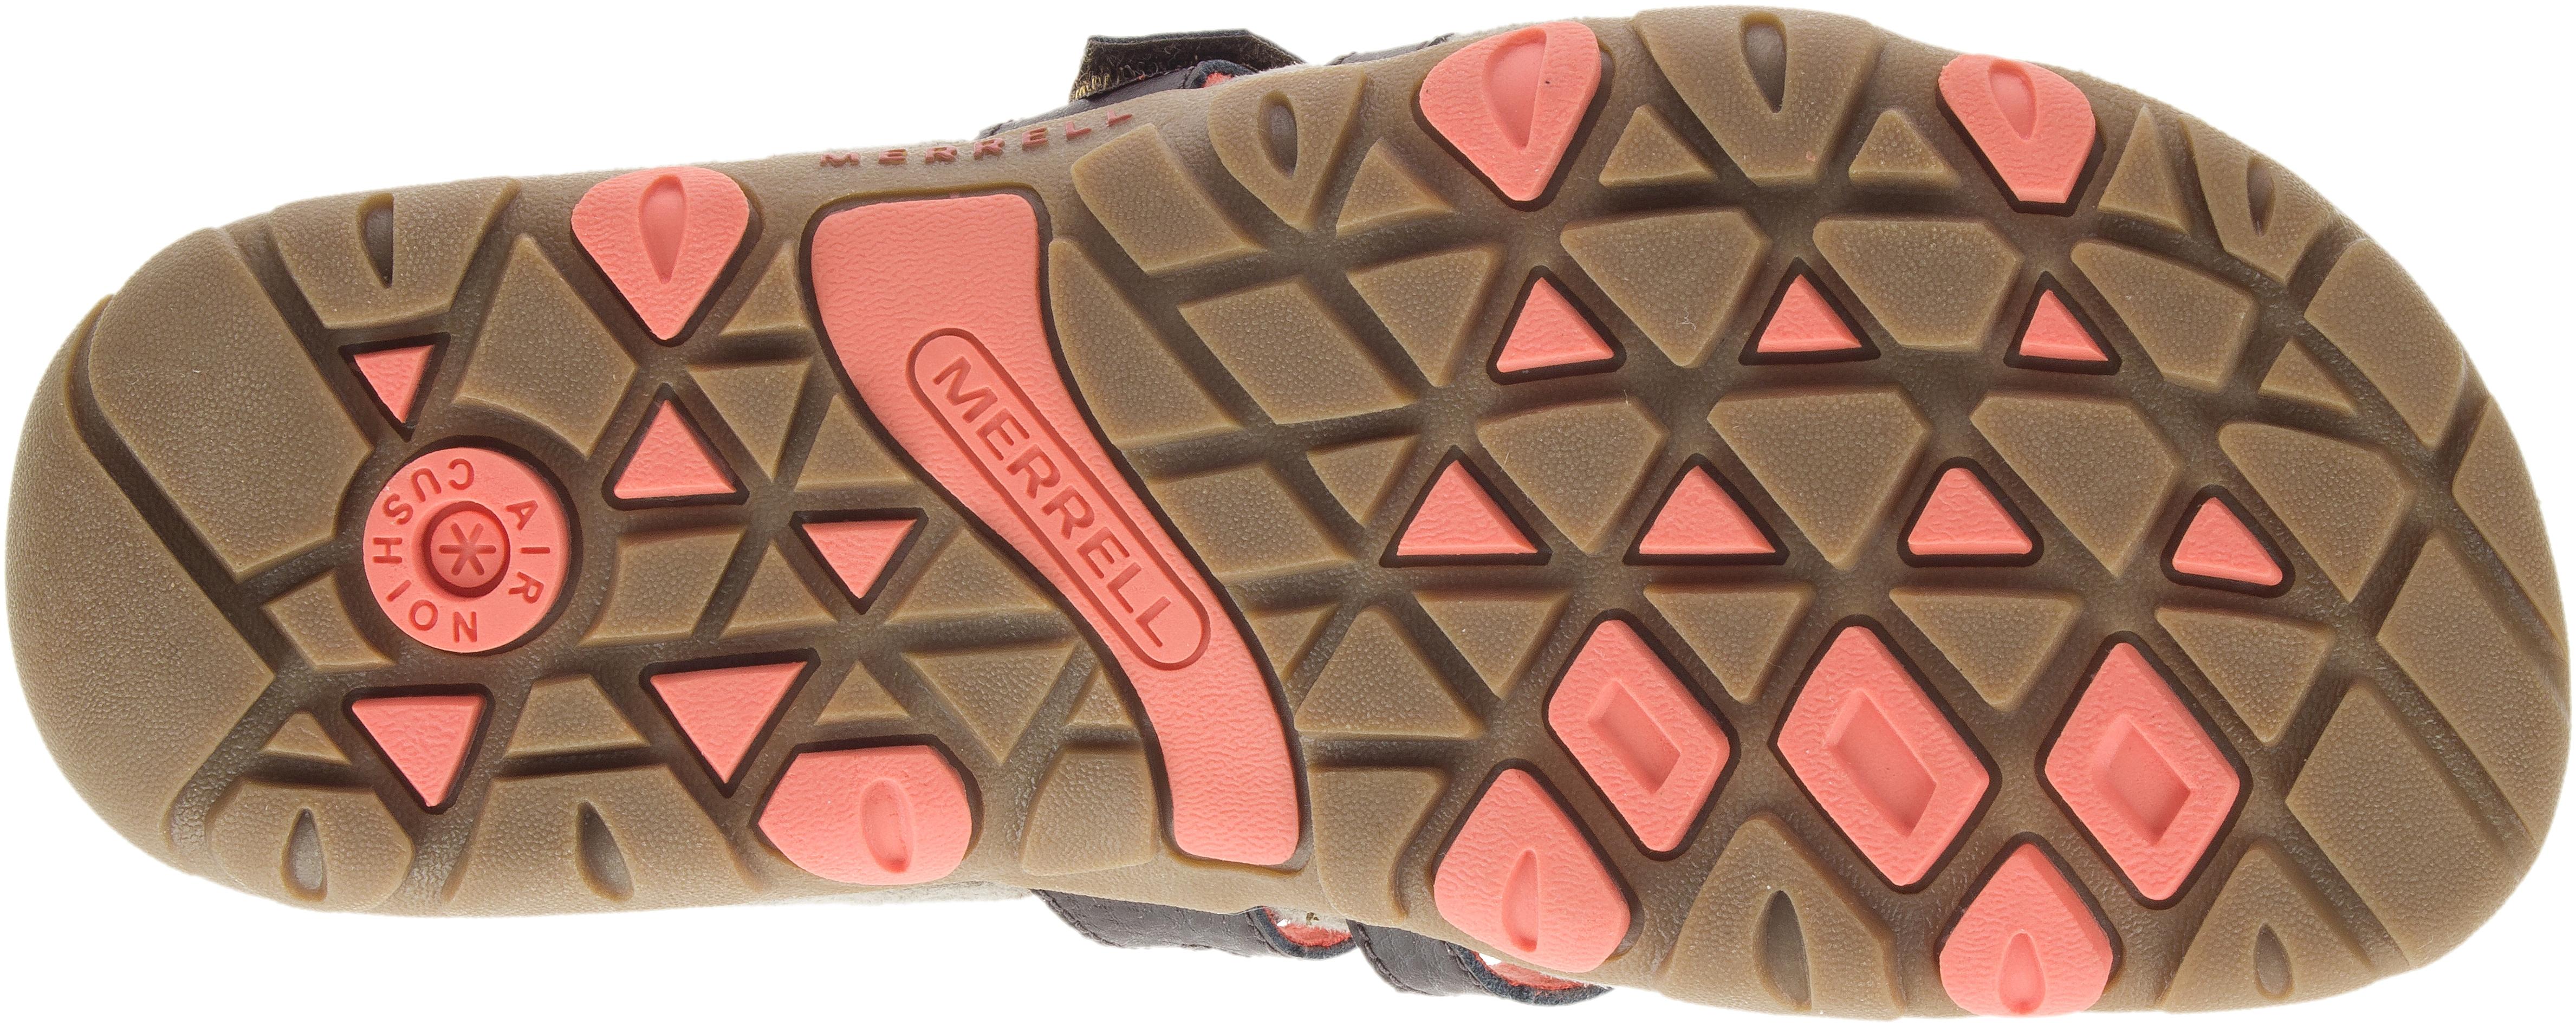 Sandspur Rose Slide, Espresso-Coral